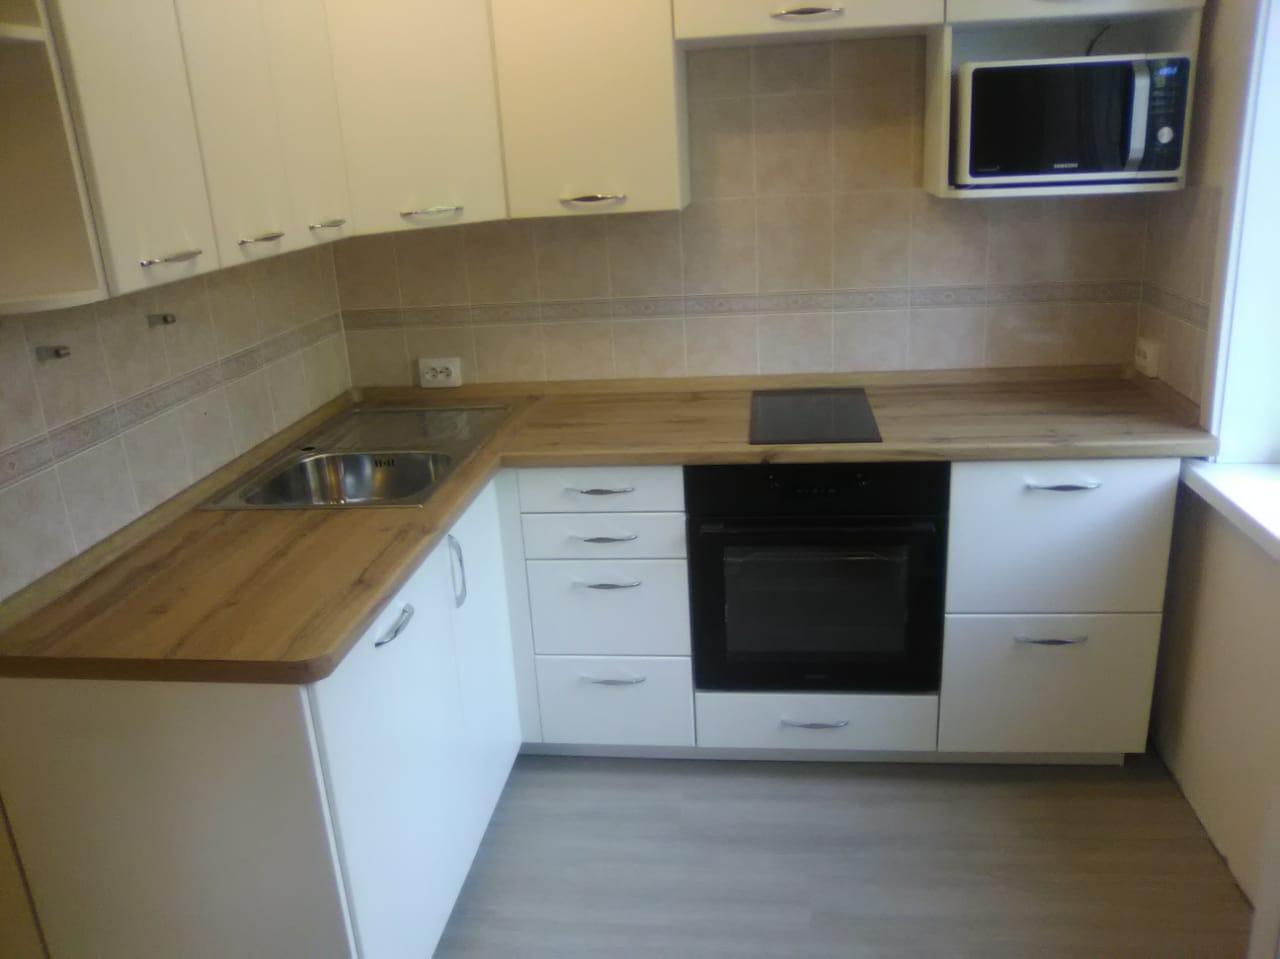 Уютная кухня со встроенной техникой на заказ в Новосибирске5